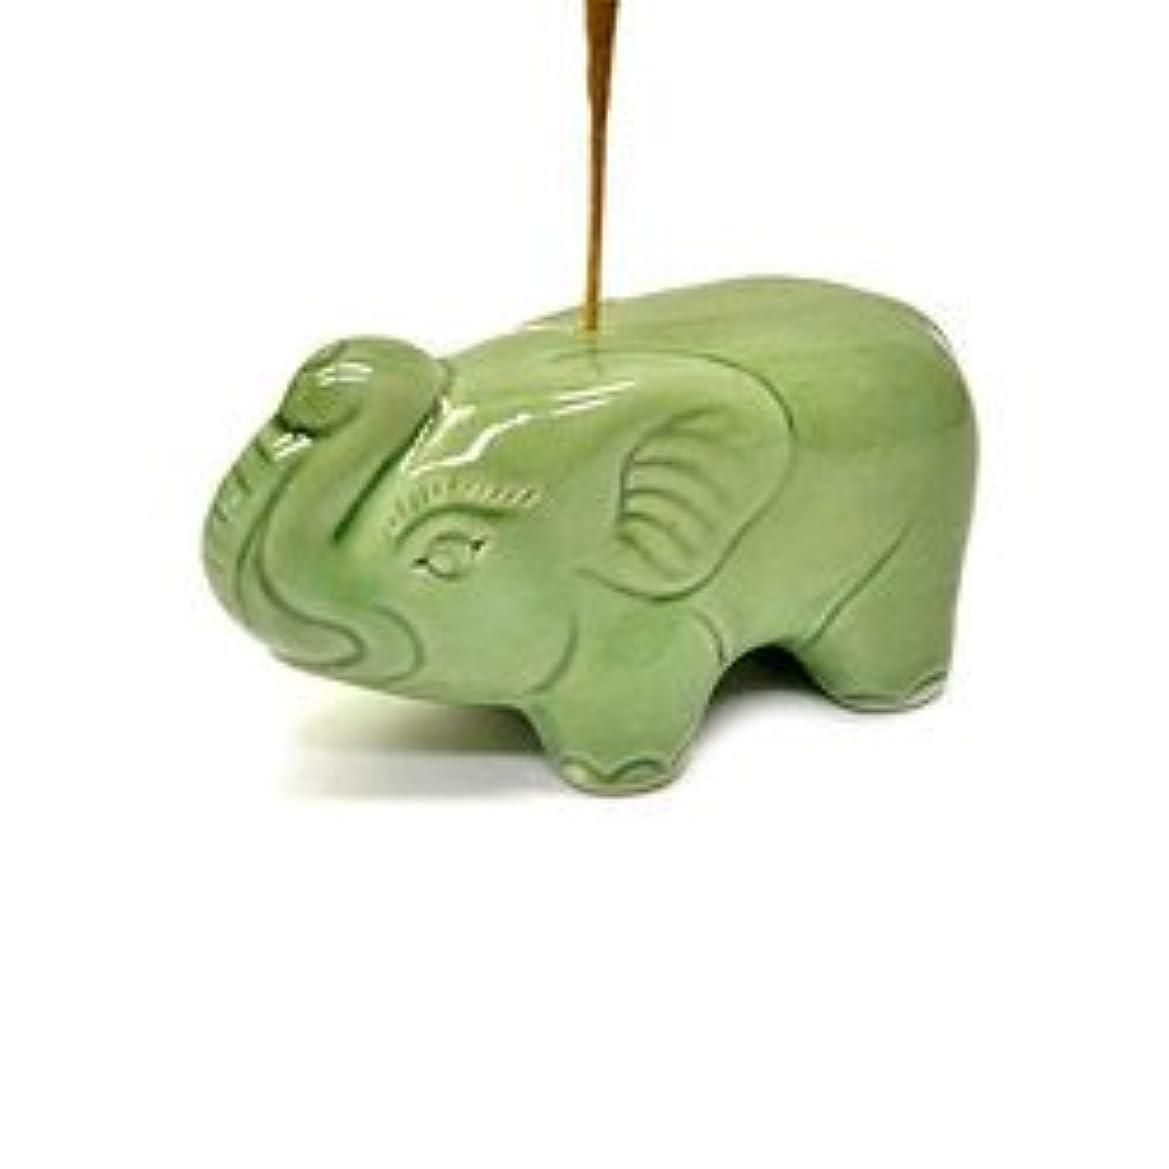 顔料乱暴な少し象さんのお香立て <緑> インセンスホルダー/スティックタイプ用お香立て?お香たて アジアン雑貨